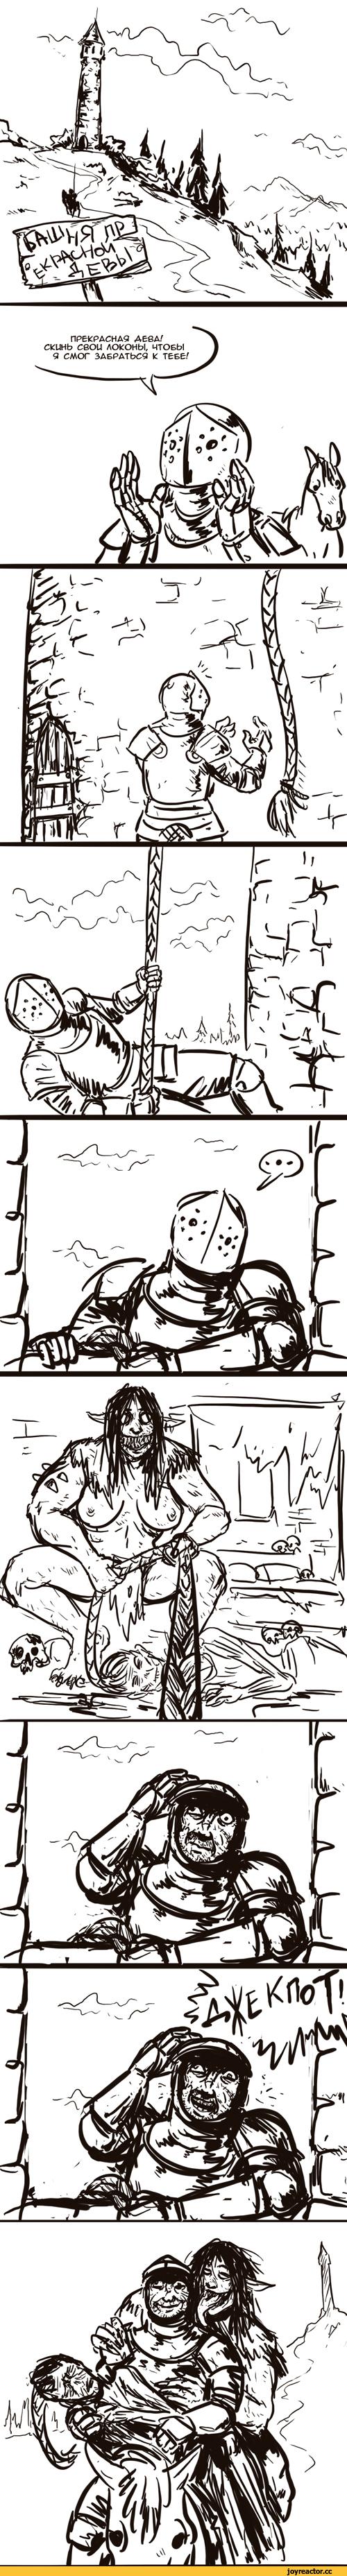 рыцарь джекпот